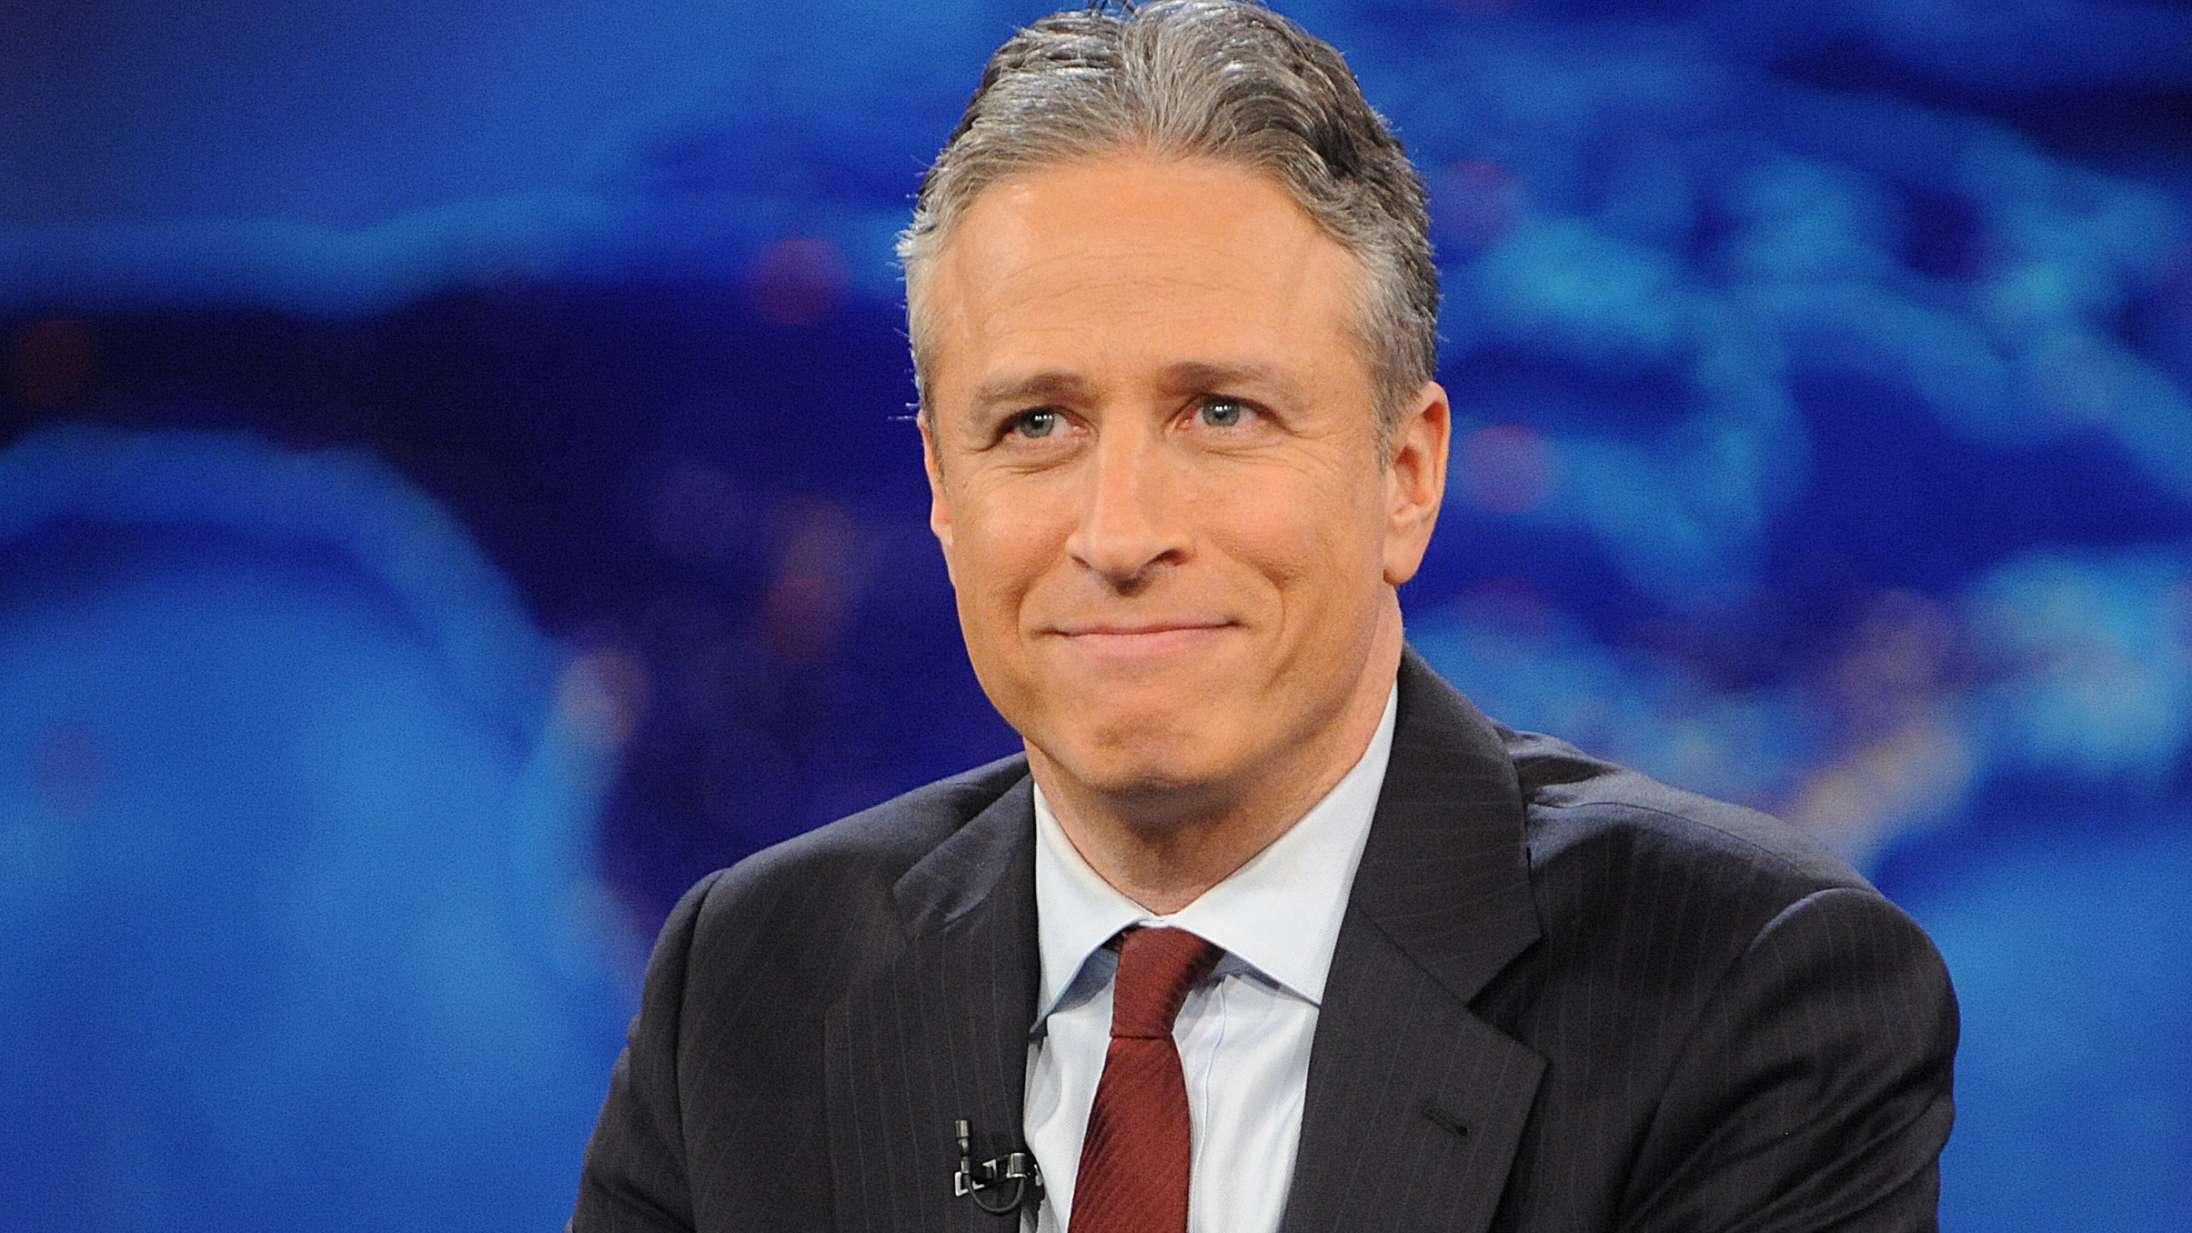 Jon Stewart kører af sporet for åben skærm med kontroversiel konspirationsteori om coronavirus